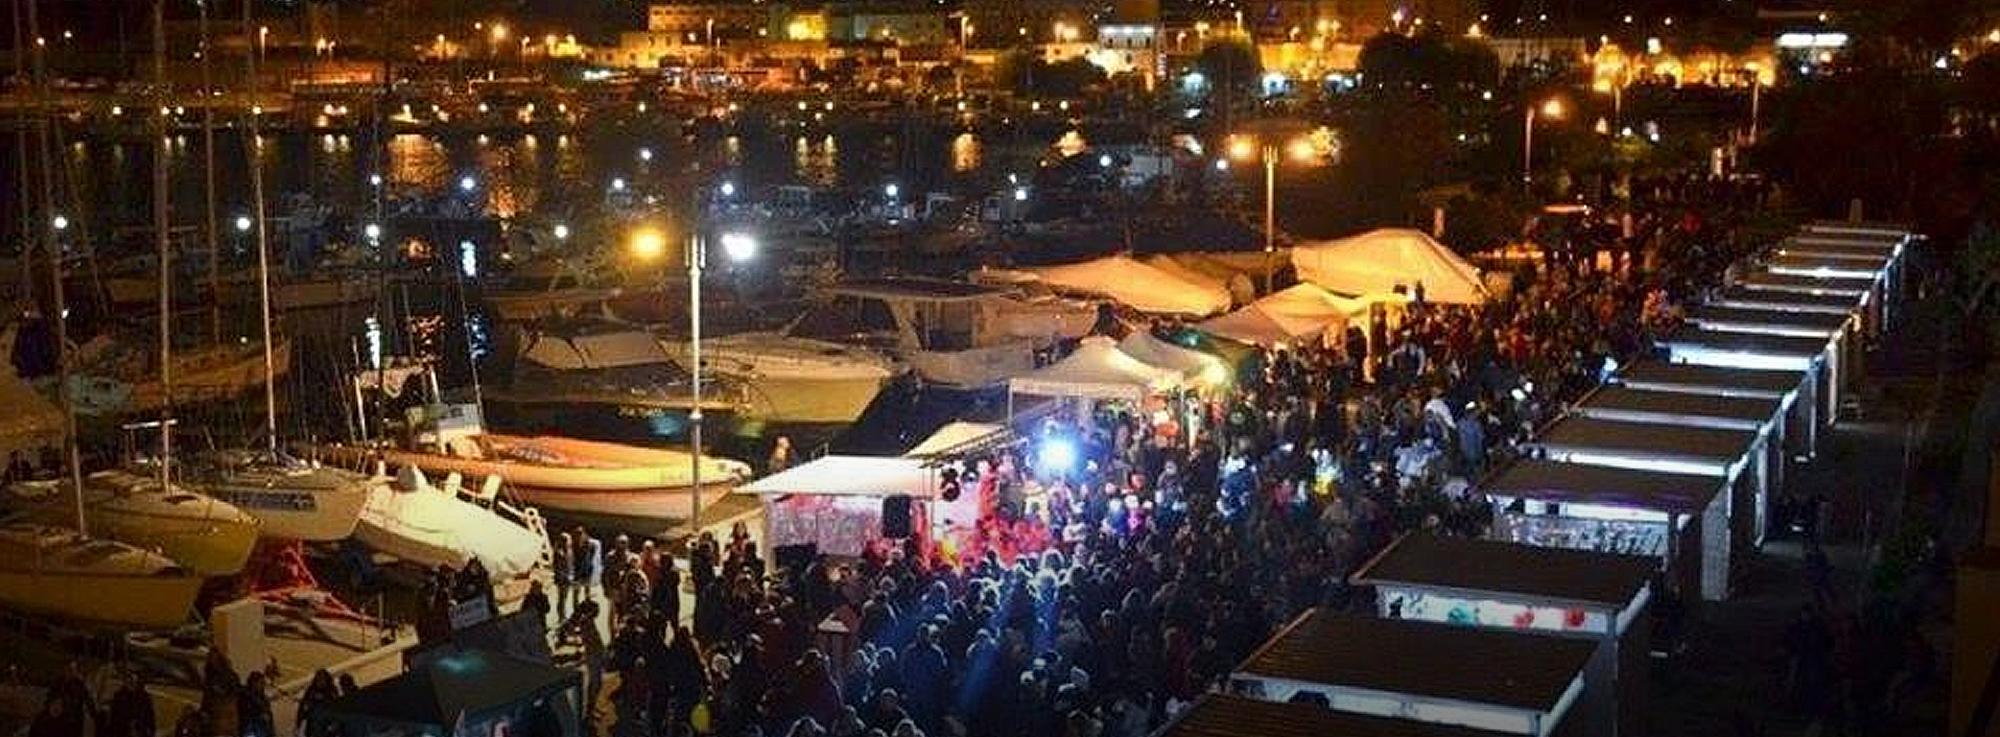 Taranto: Villaggio di Babbo Natale... sul mare